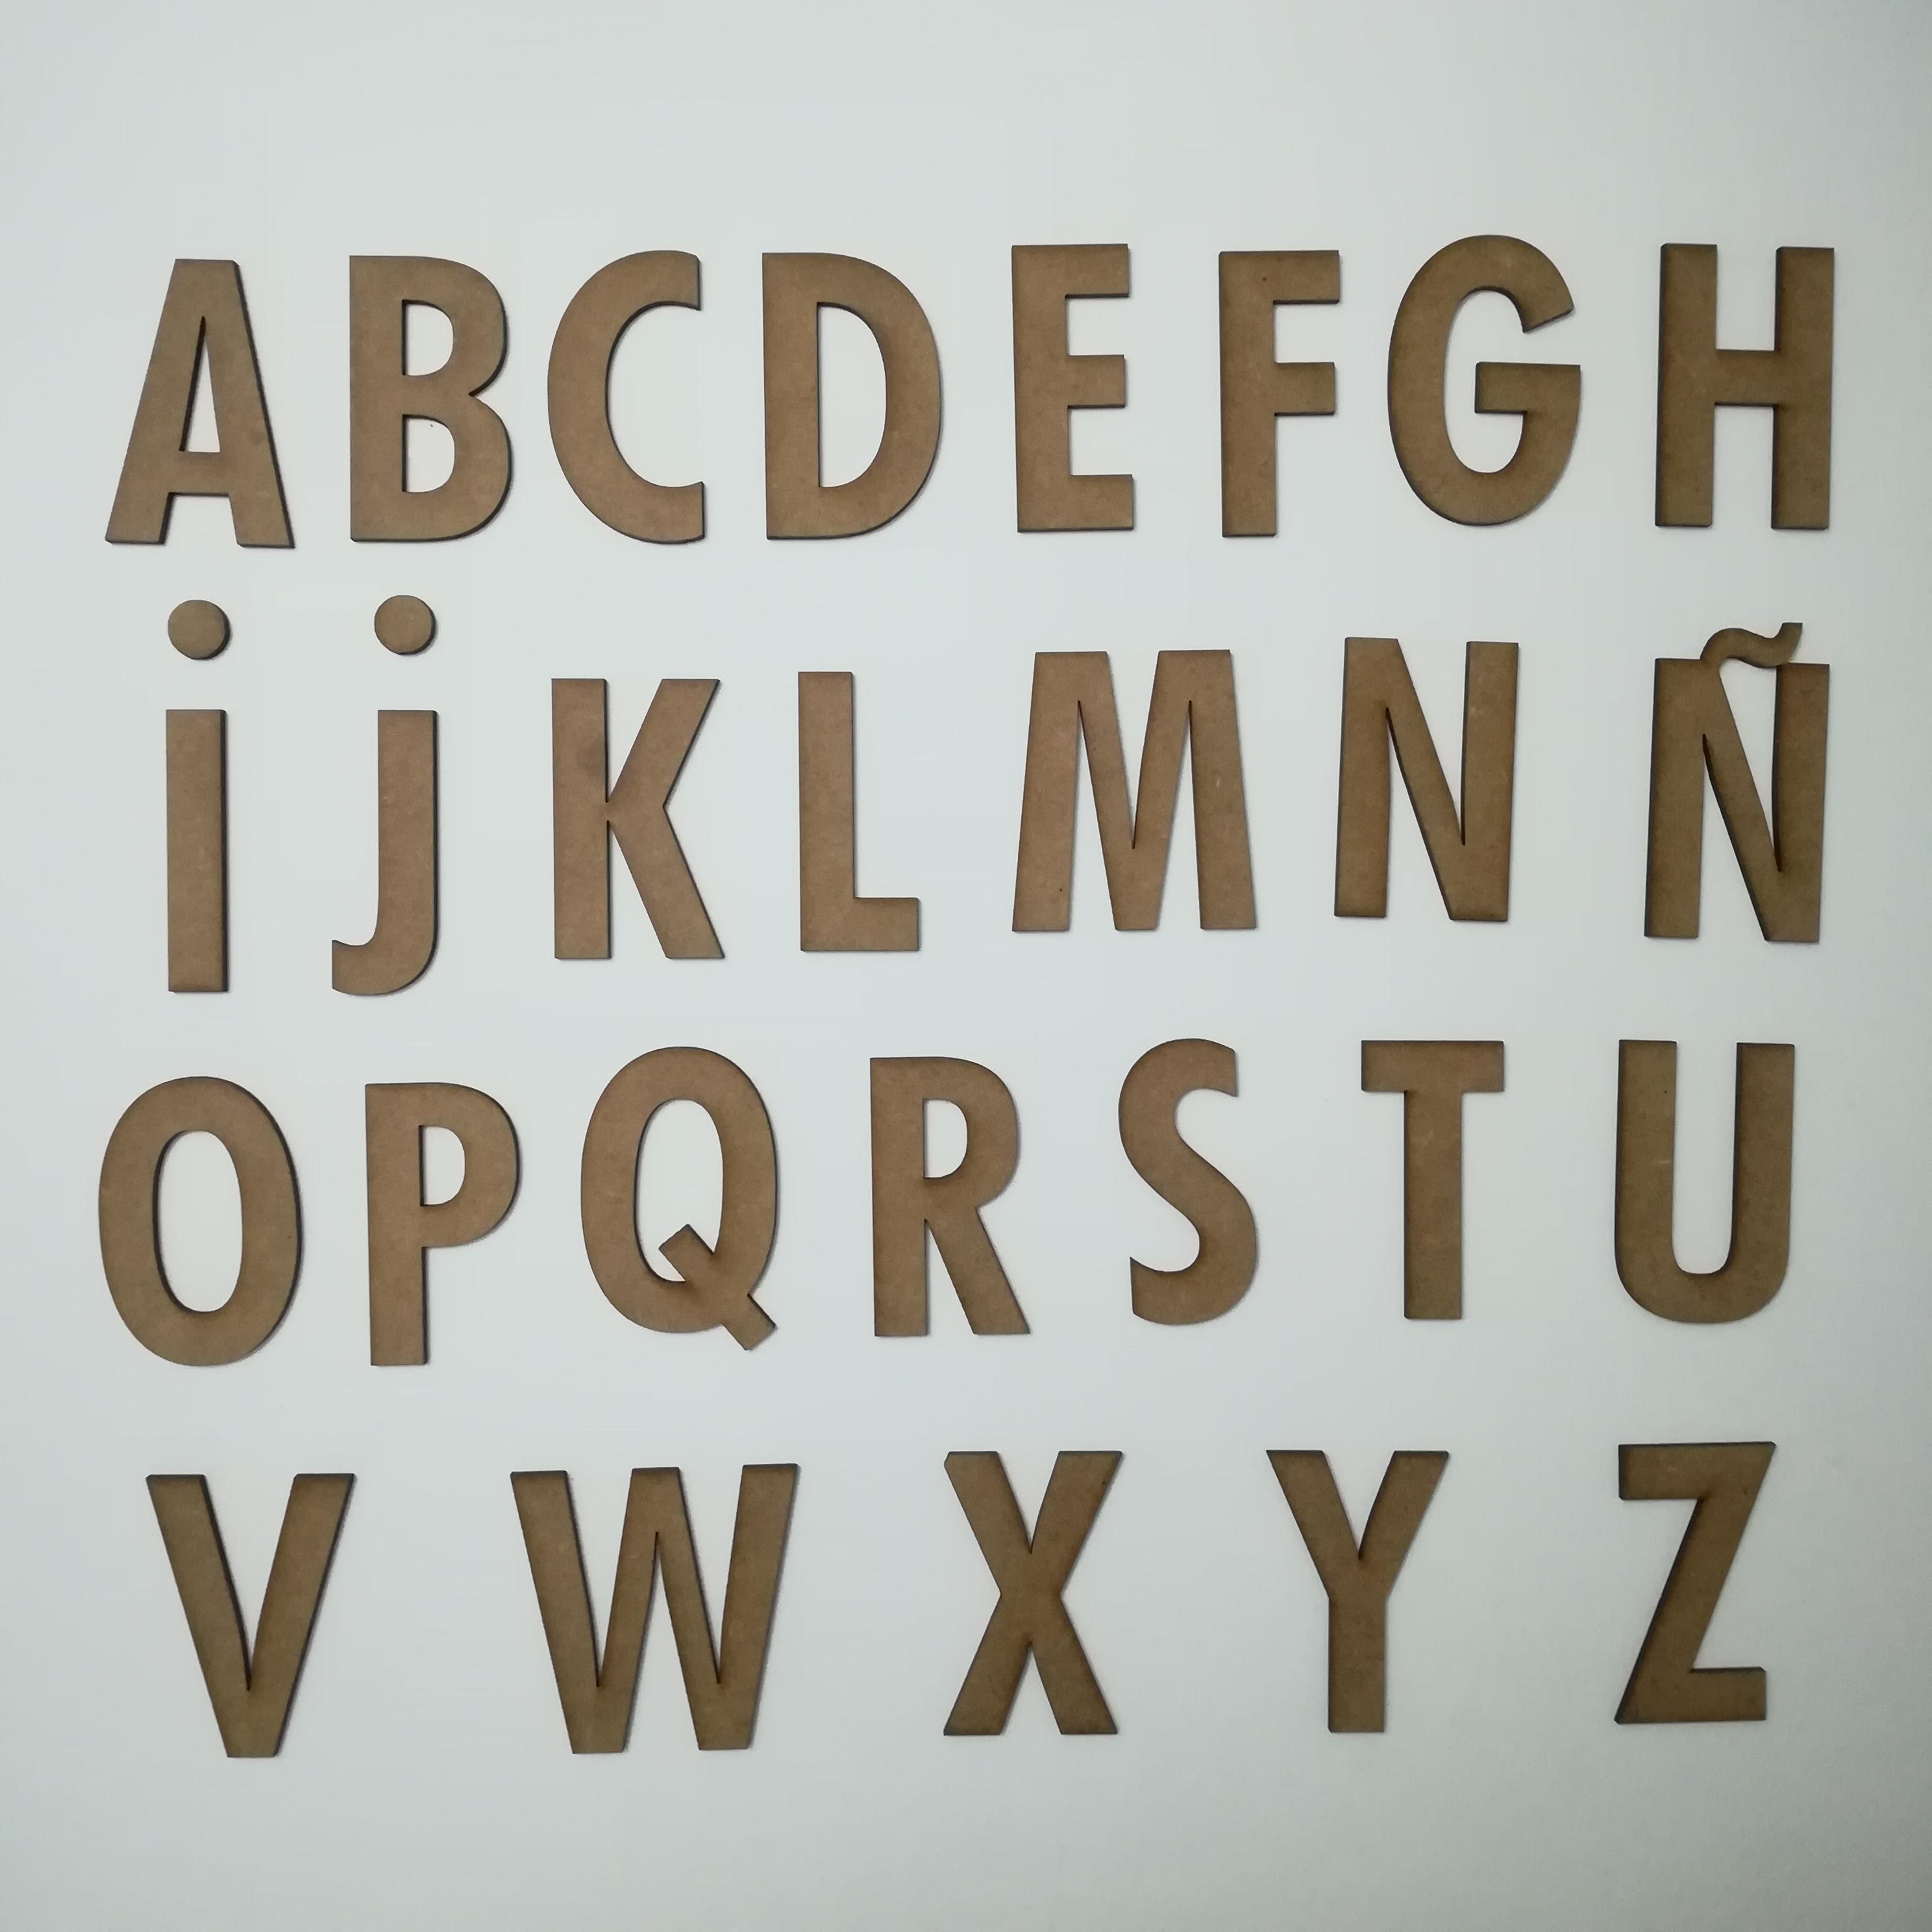 Abecedario tipografia capital